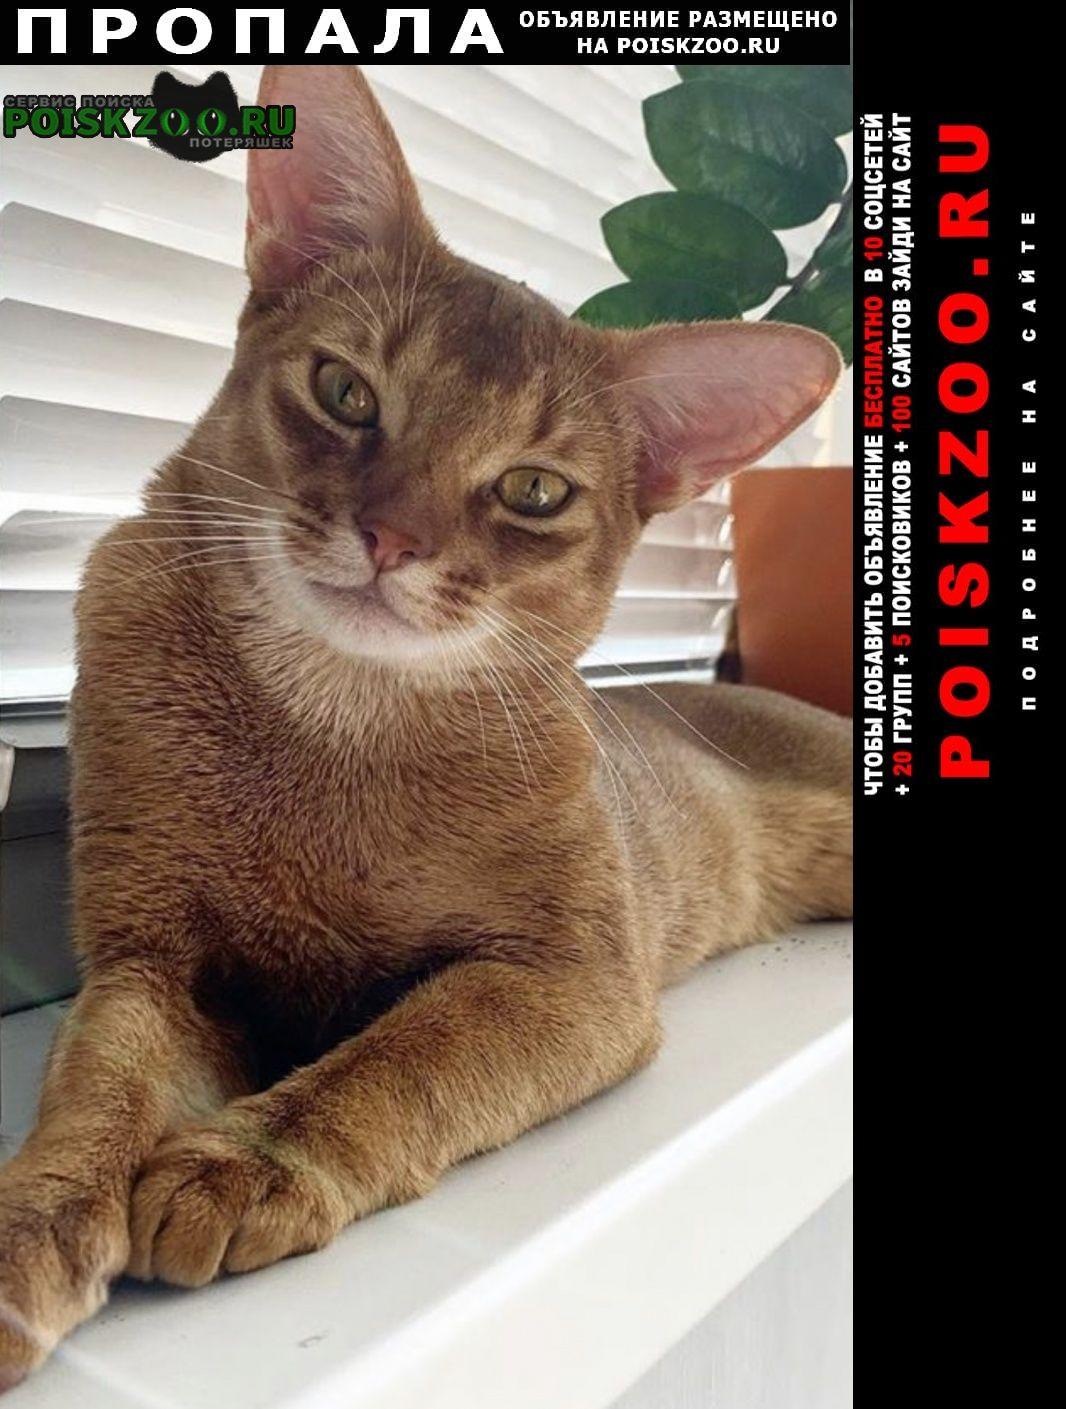 Пропала кошка кот днп дубровка, дмитровский рай Москва